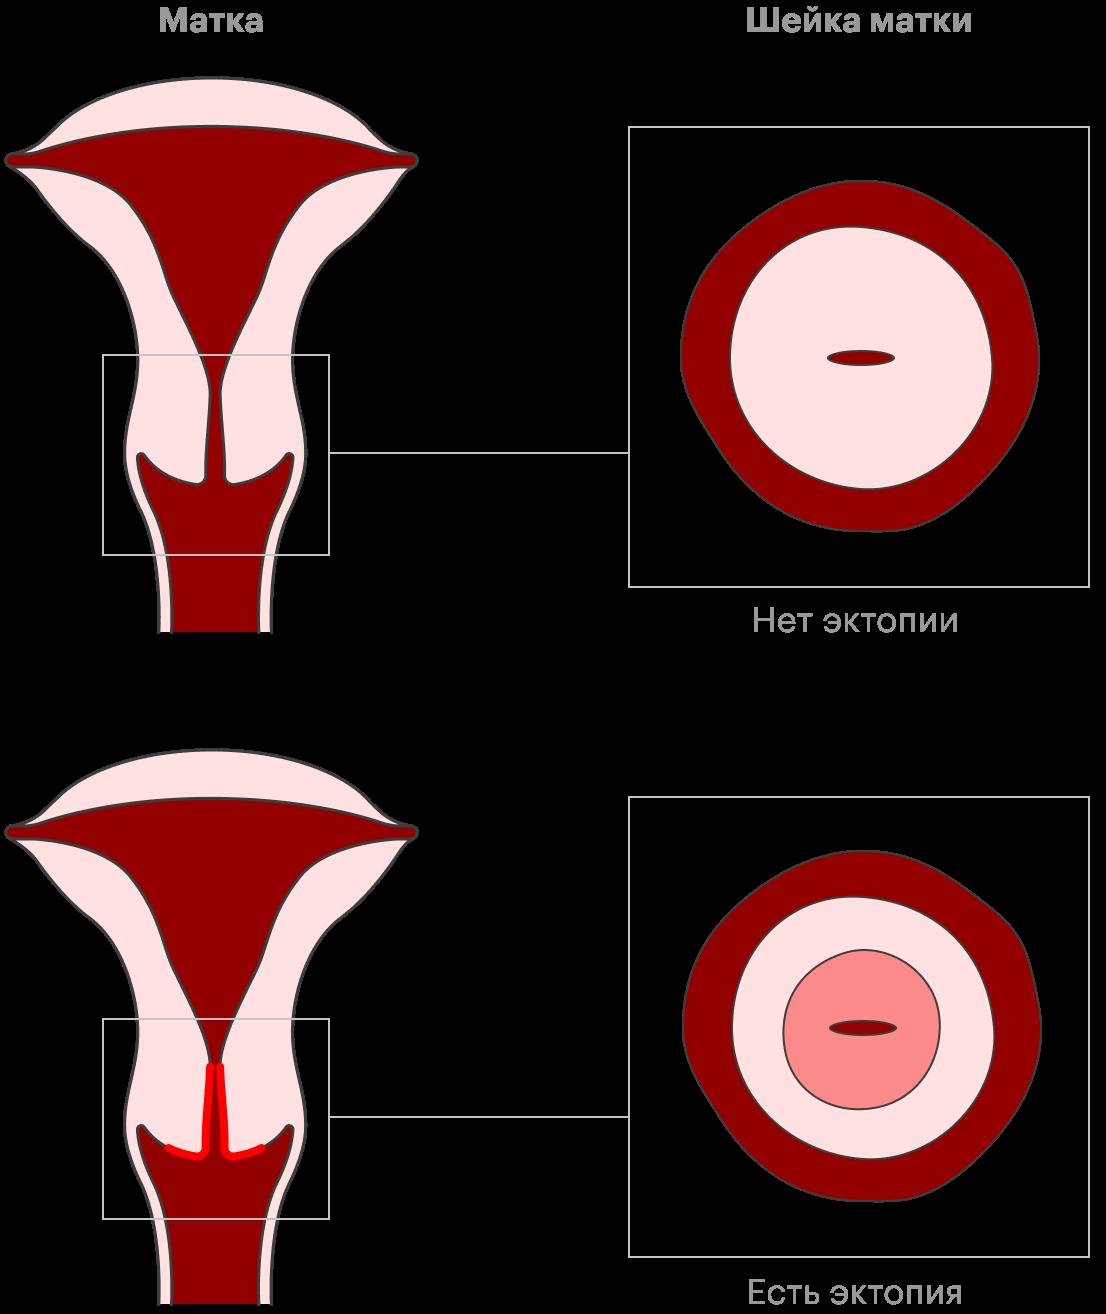 Эктопия шейки матки — нормальное состояние, которое обычно не надо лечить